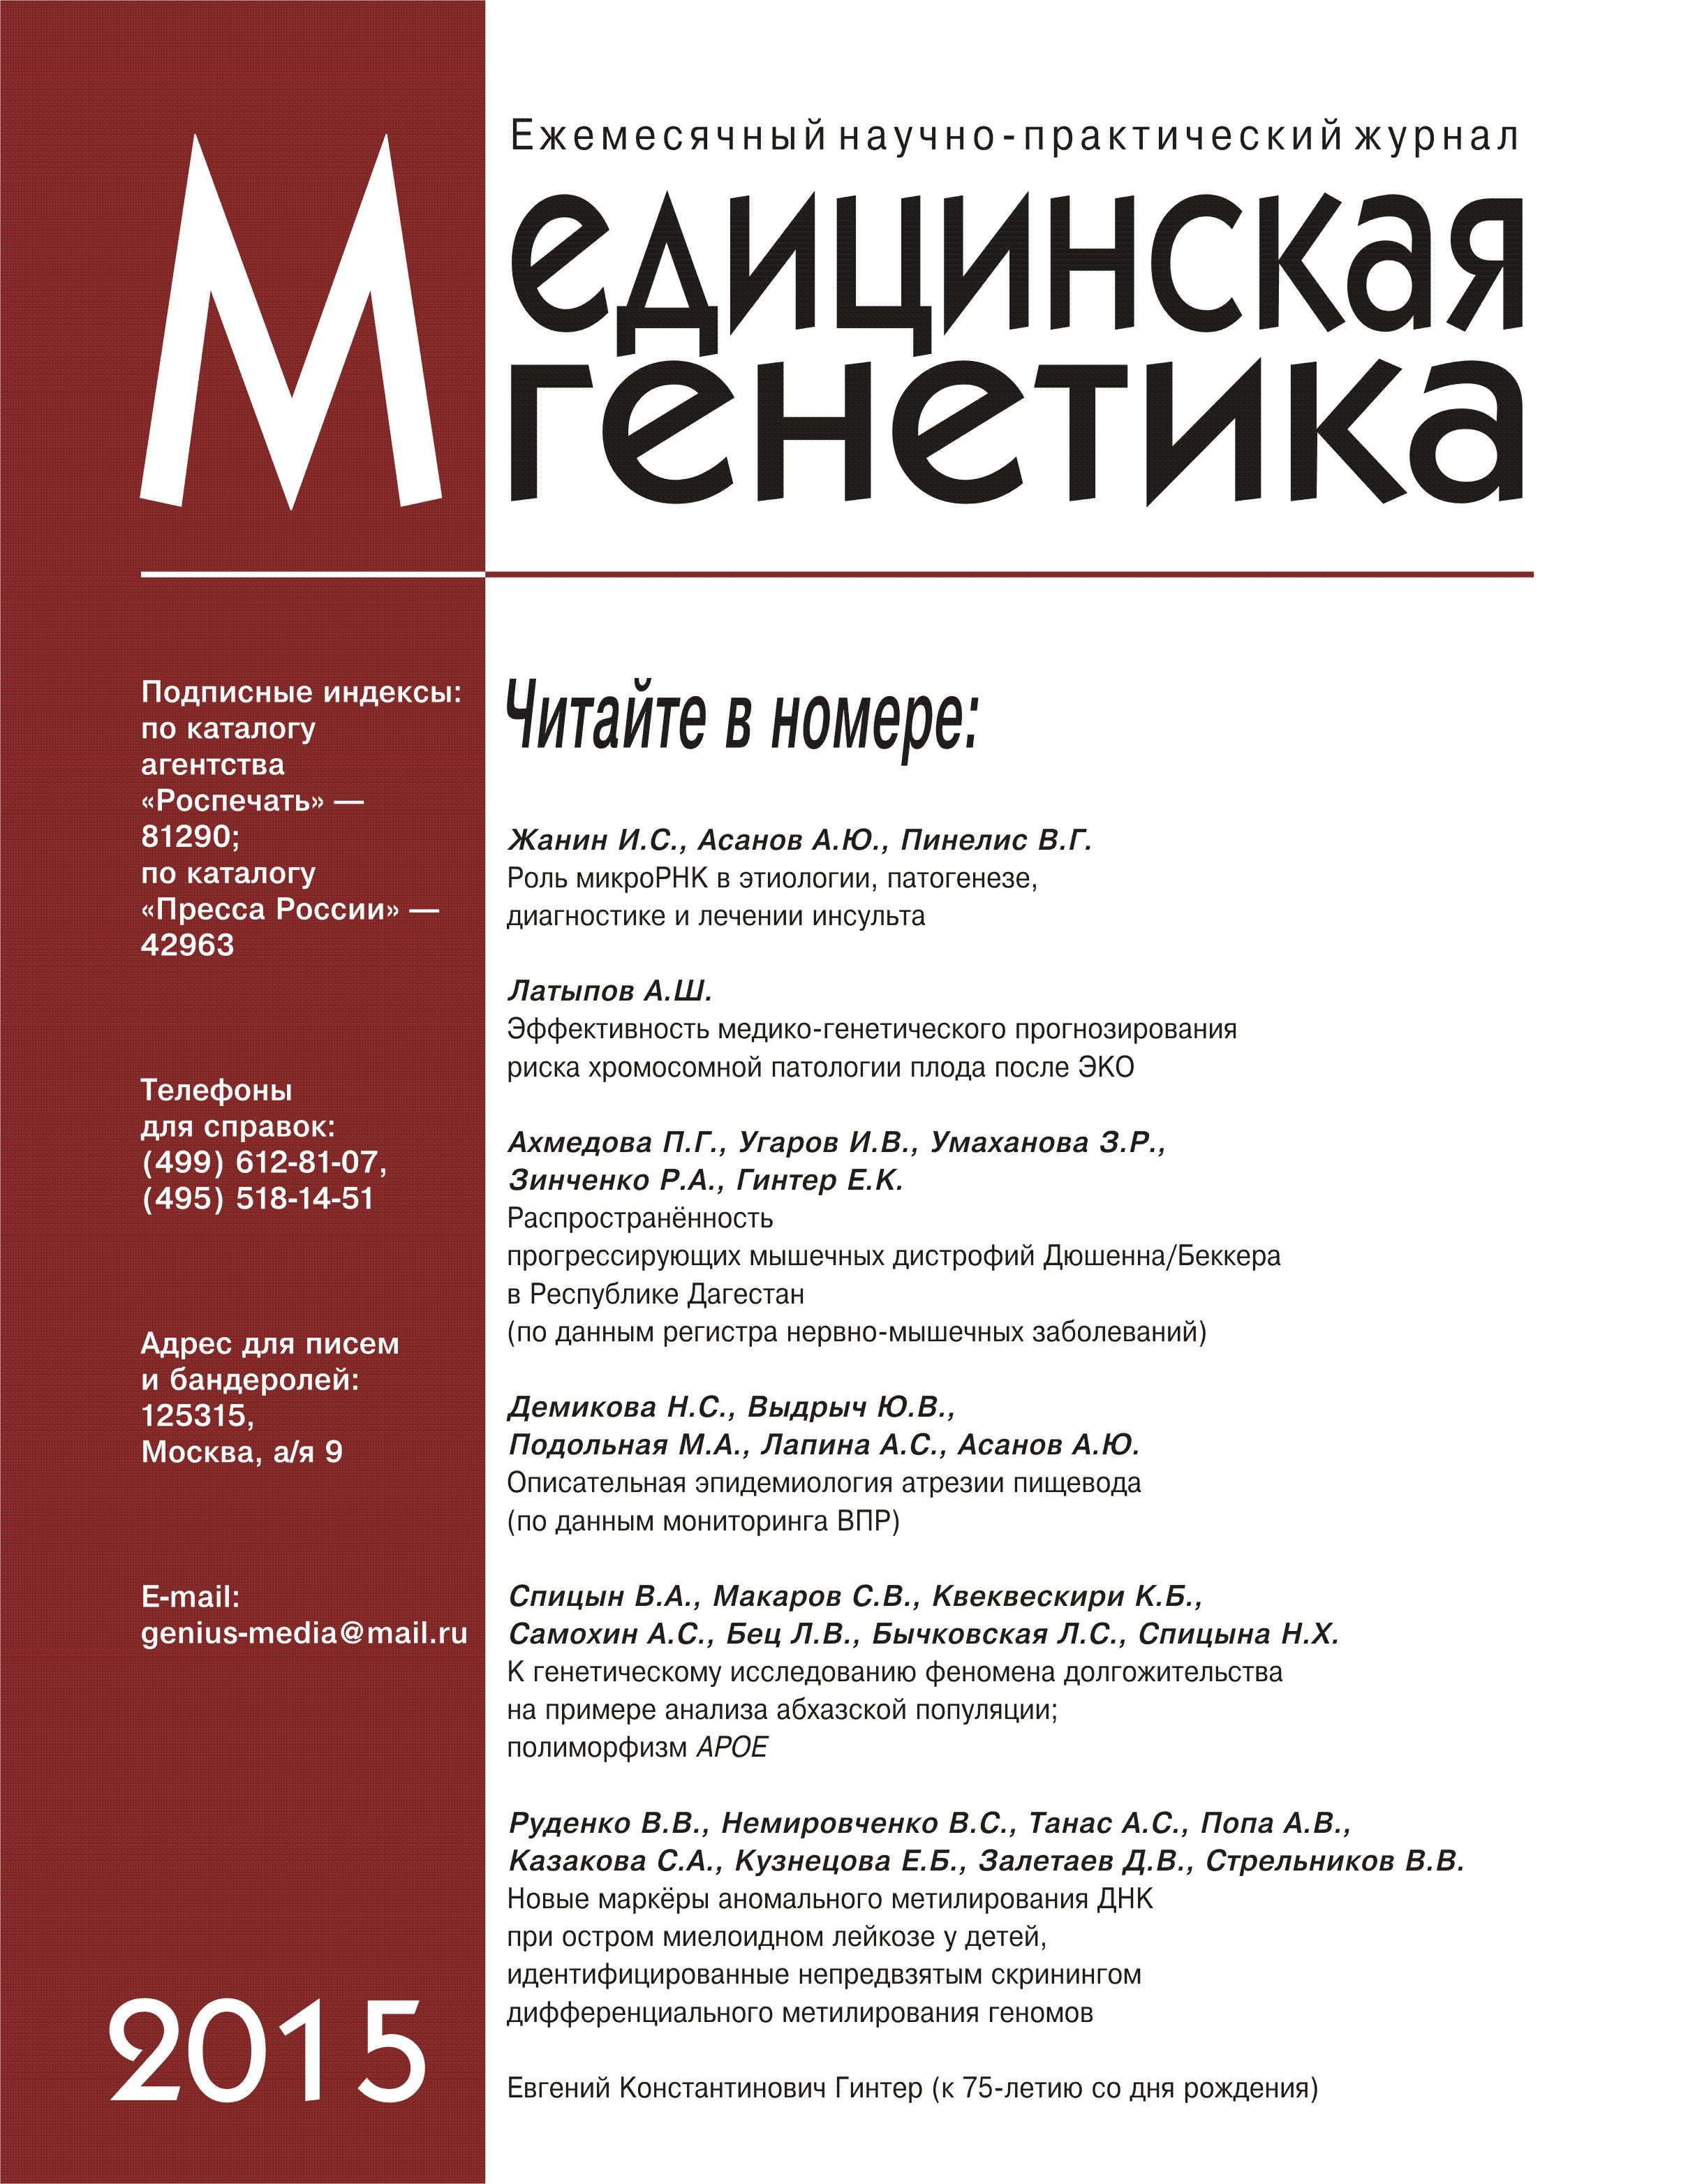 Оформление медицинской книжки в Москве Москворечье-Сабурово вао